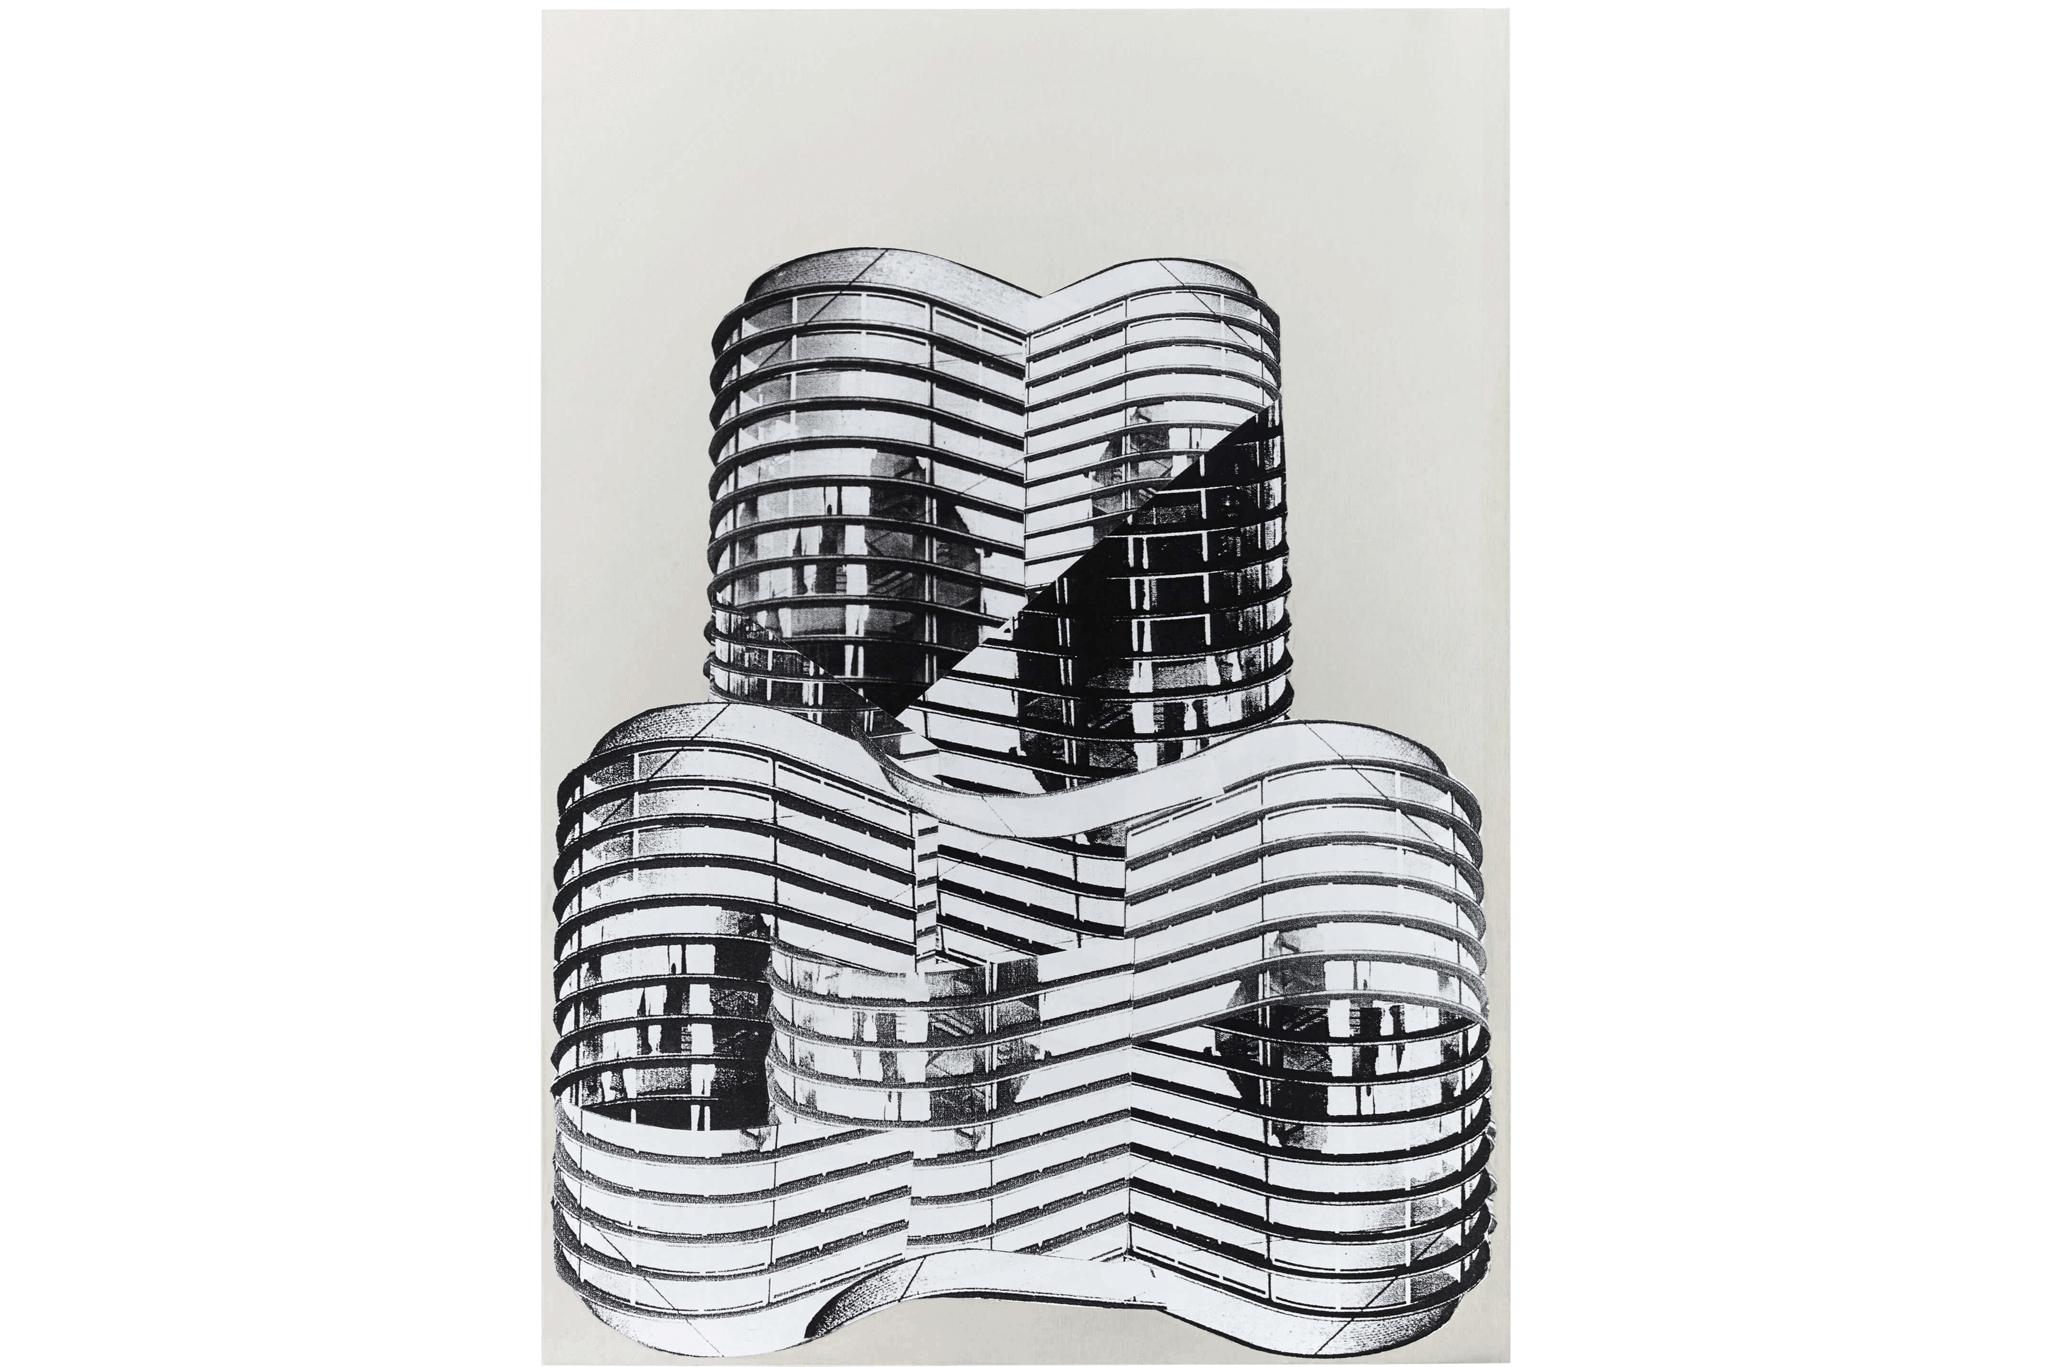 2014_17_Frauke-Dannert_Collage_Papiercollage_Ohne-Titel-Kopie